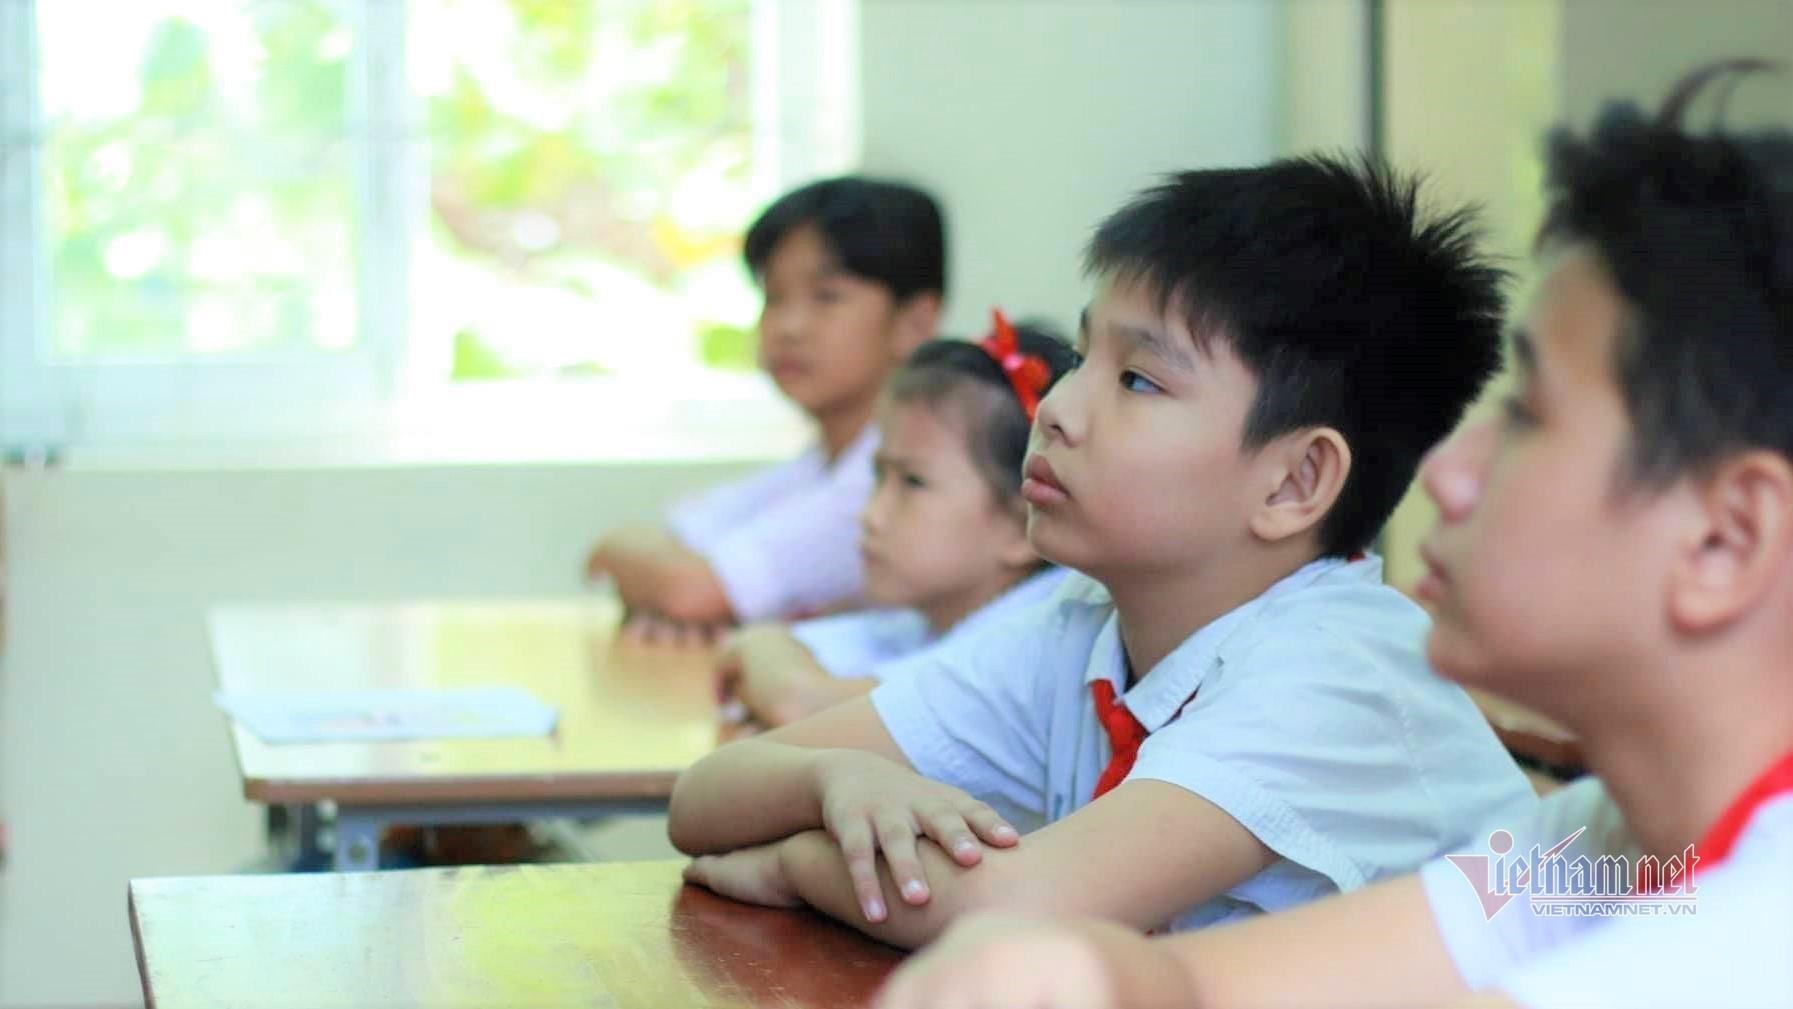 Những đứa trẻ đã học như thế, tôi mong chờ gì ở tương lai?